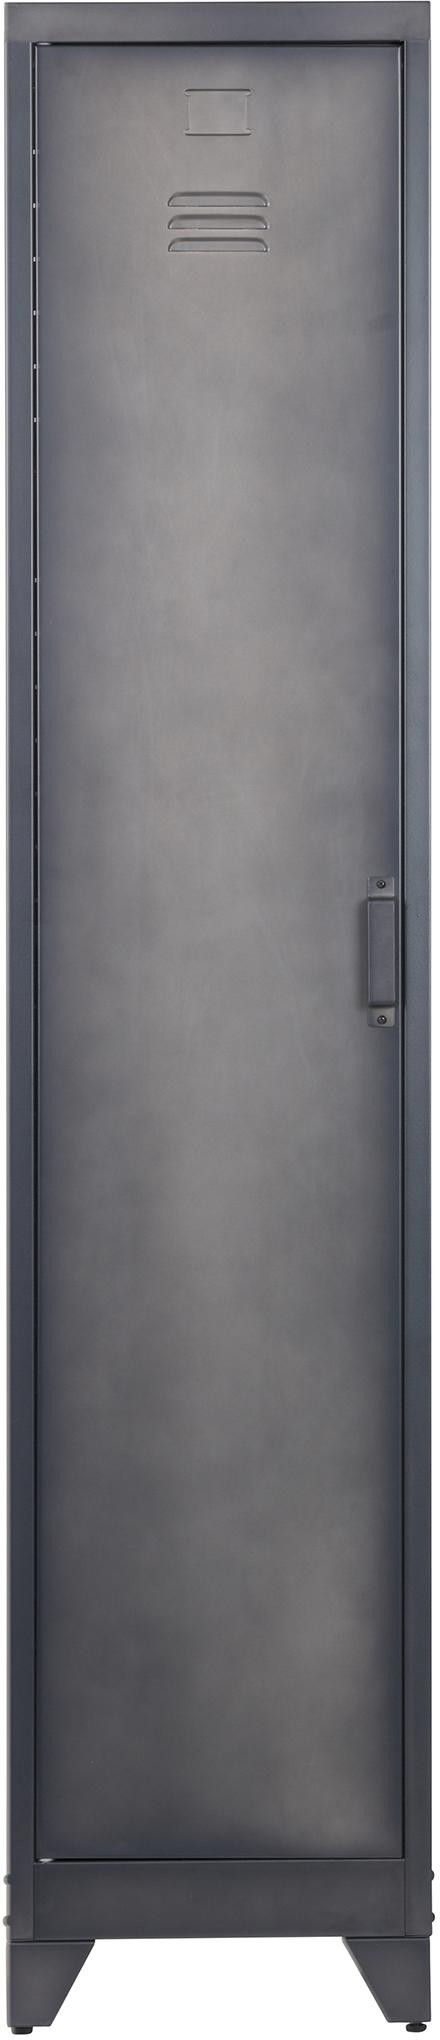 Metall-Spind Cas, Metall, beschichtet, Dunkelgrau, 38 x 180 cm